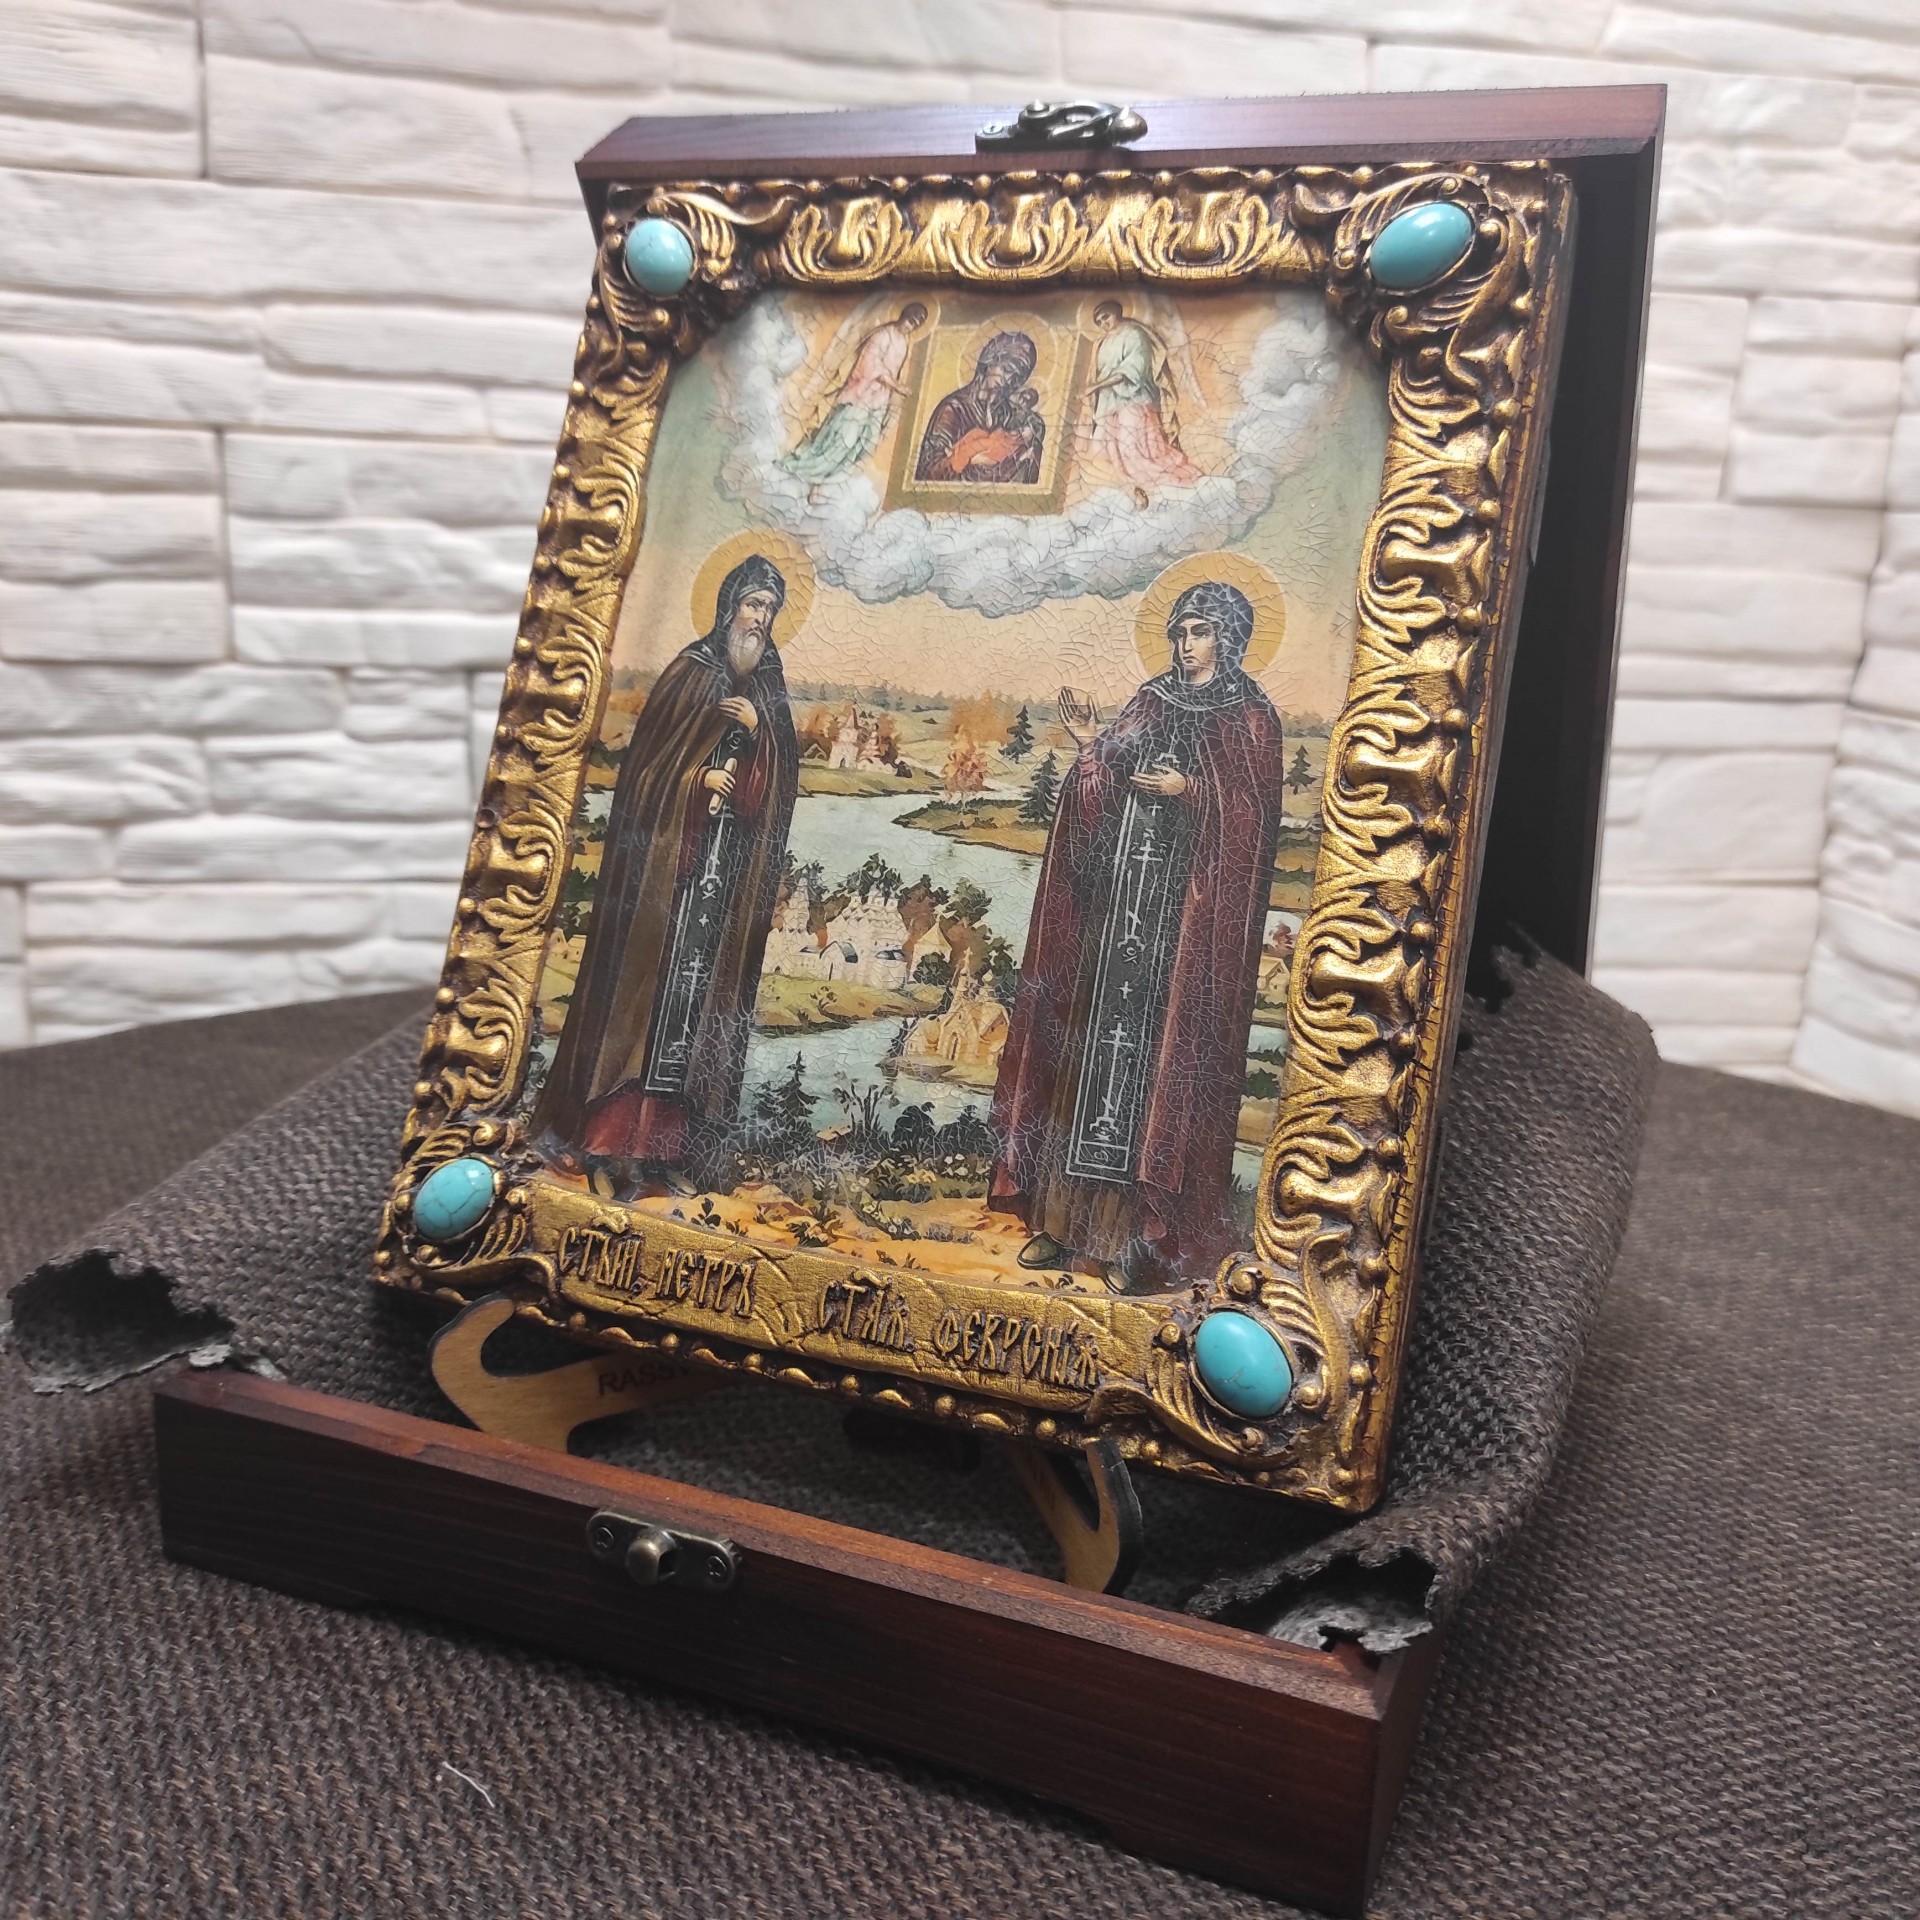 Фото подарочной иконы Петра и Февронии с иглицами и камнями сбоку